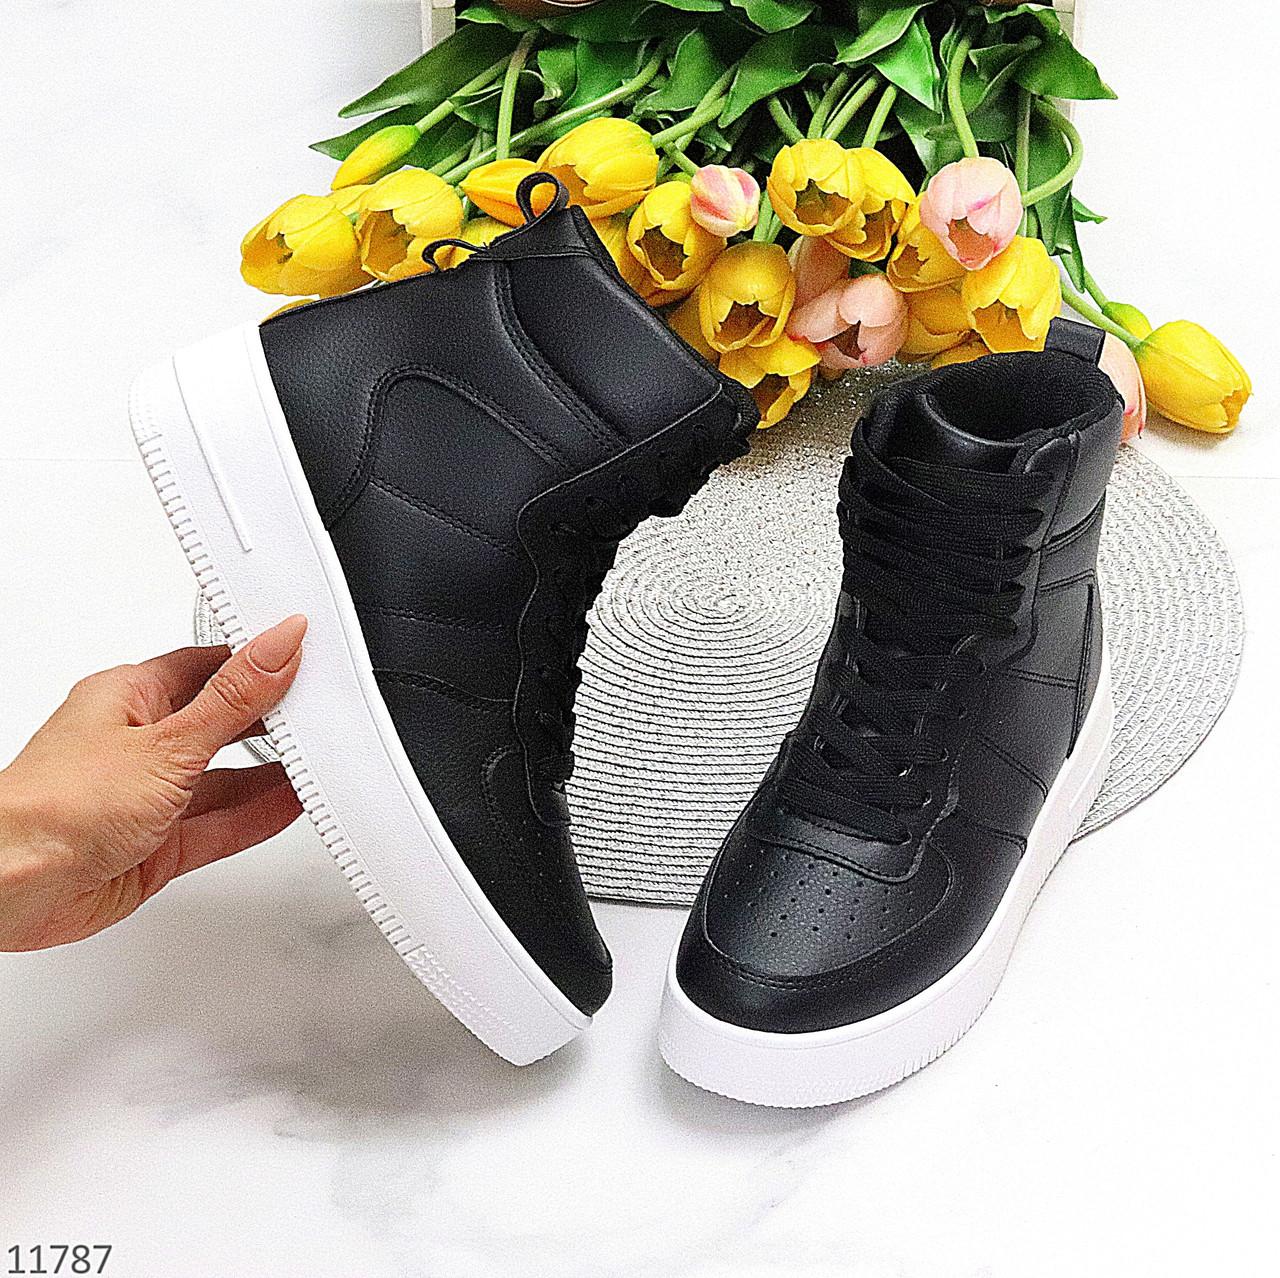 Ультра модные черные женские кроссовки хайтопы на небольшой платформе